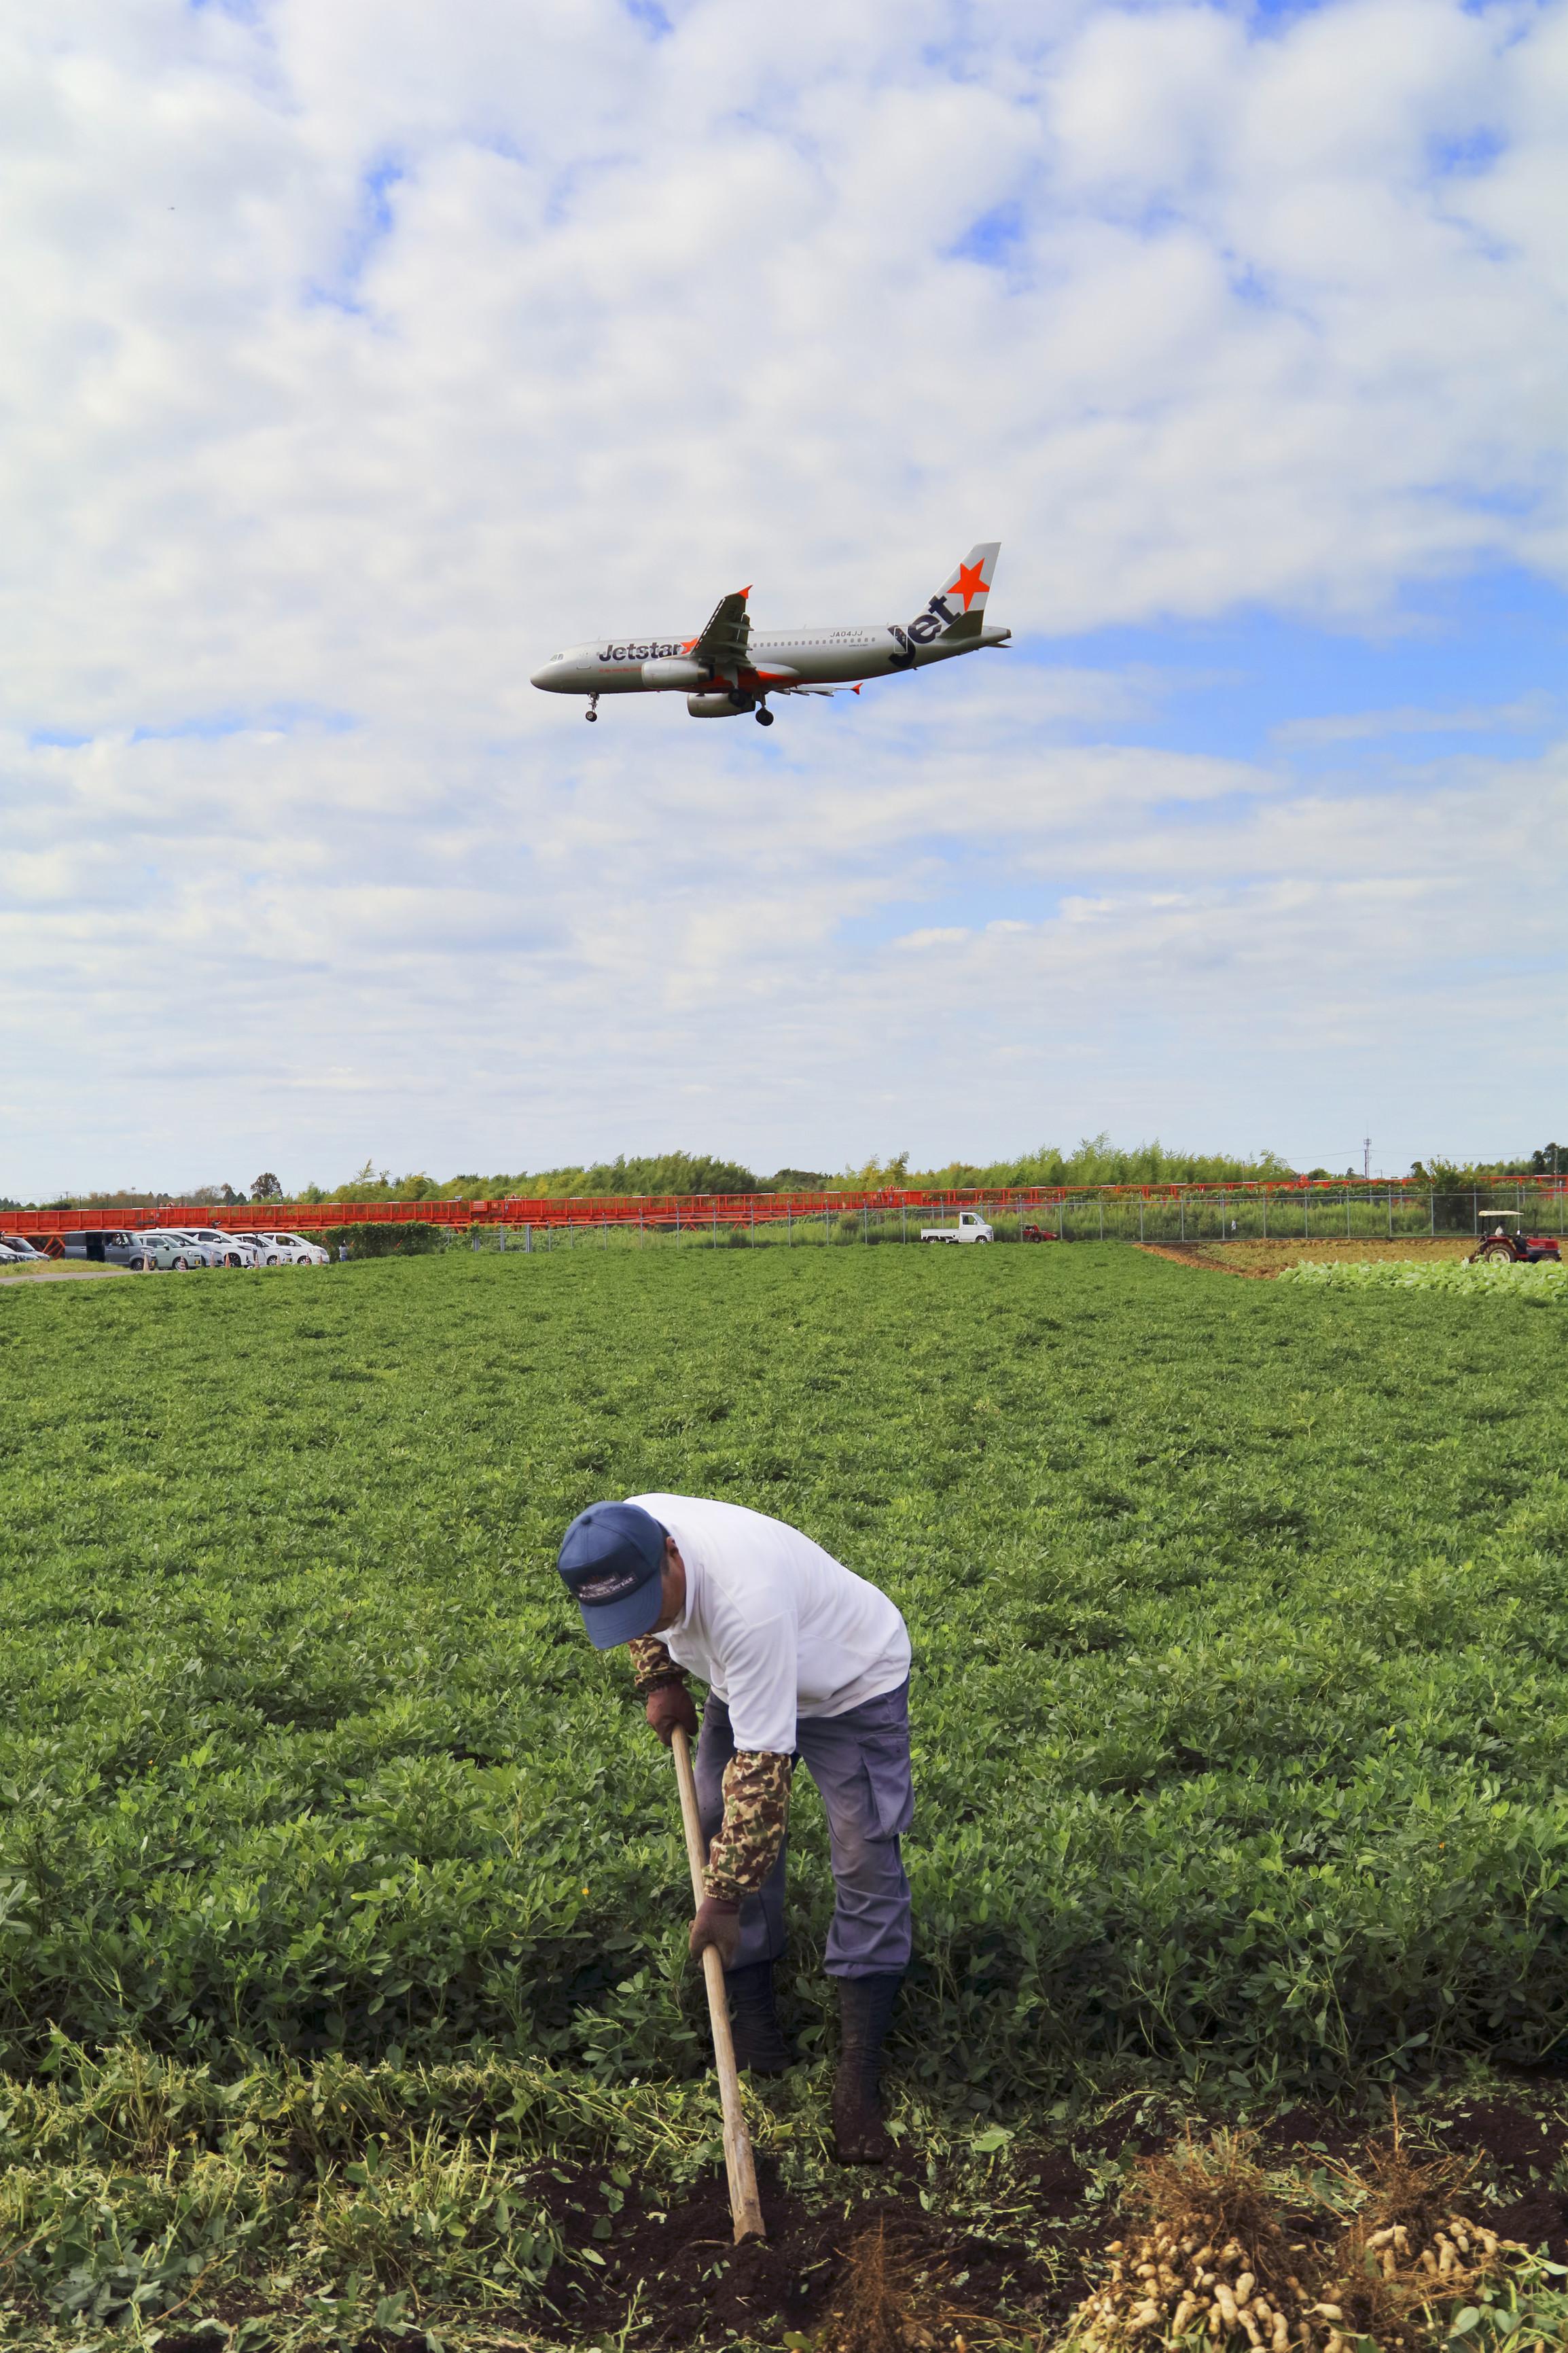 24_Philippe+Mullerー成田2大名物らっかせいと飛行機の風景ー成田